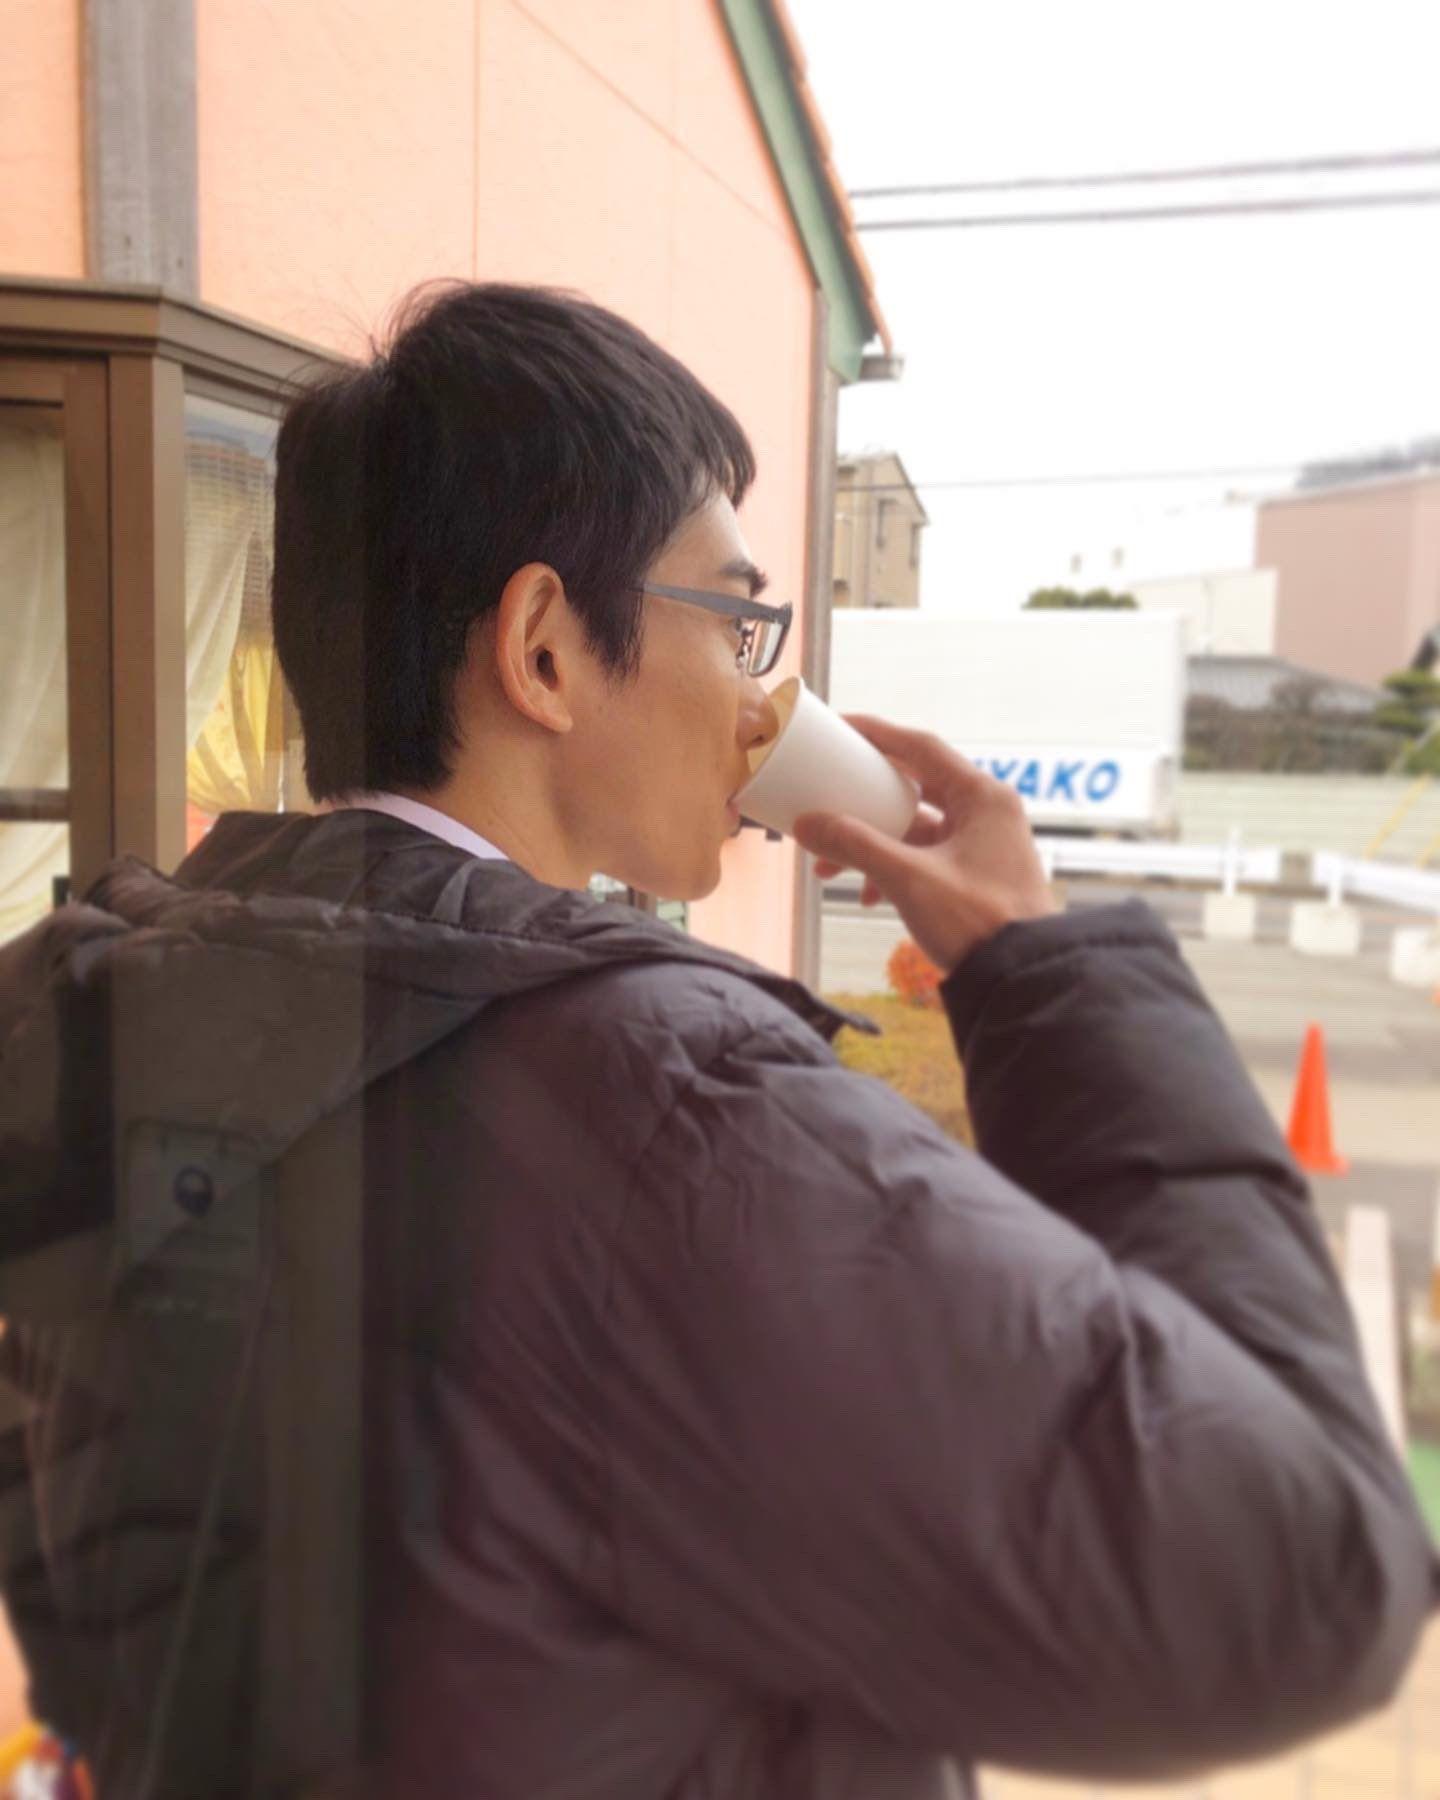 啓太 ツイッター 町田